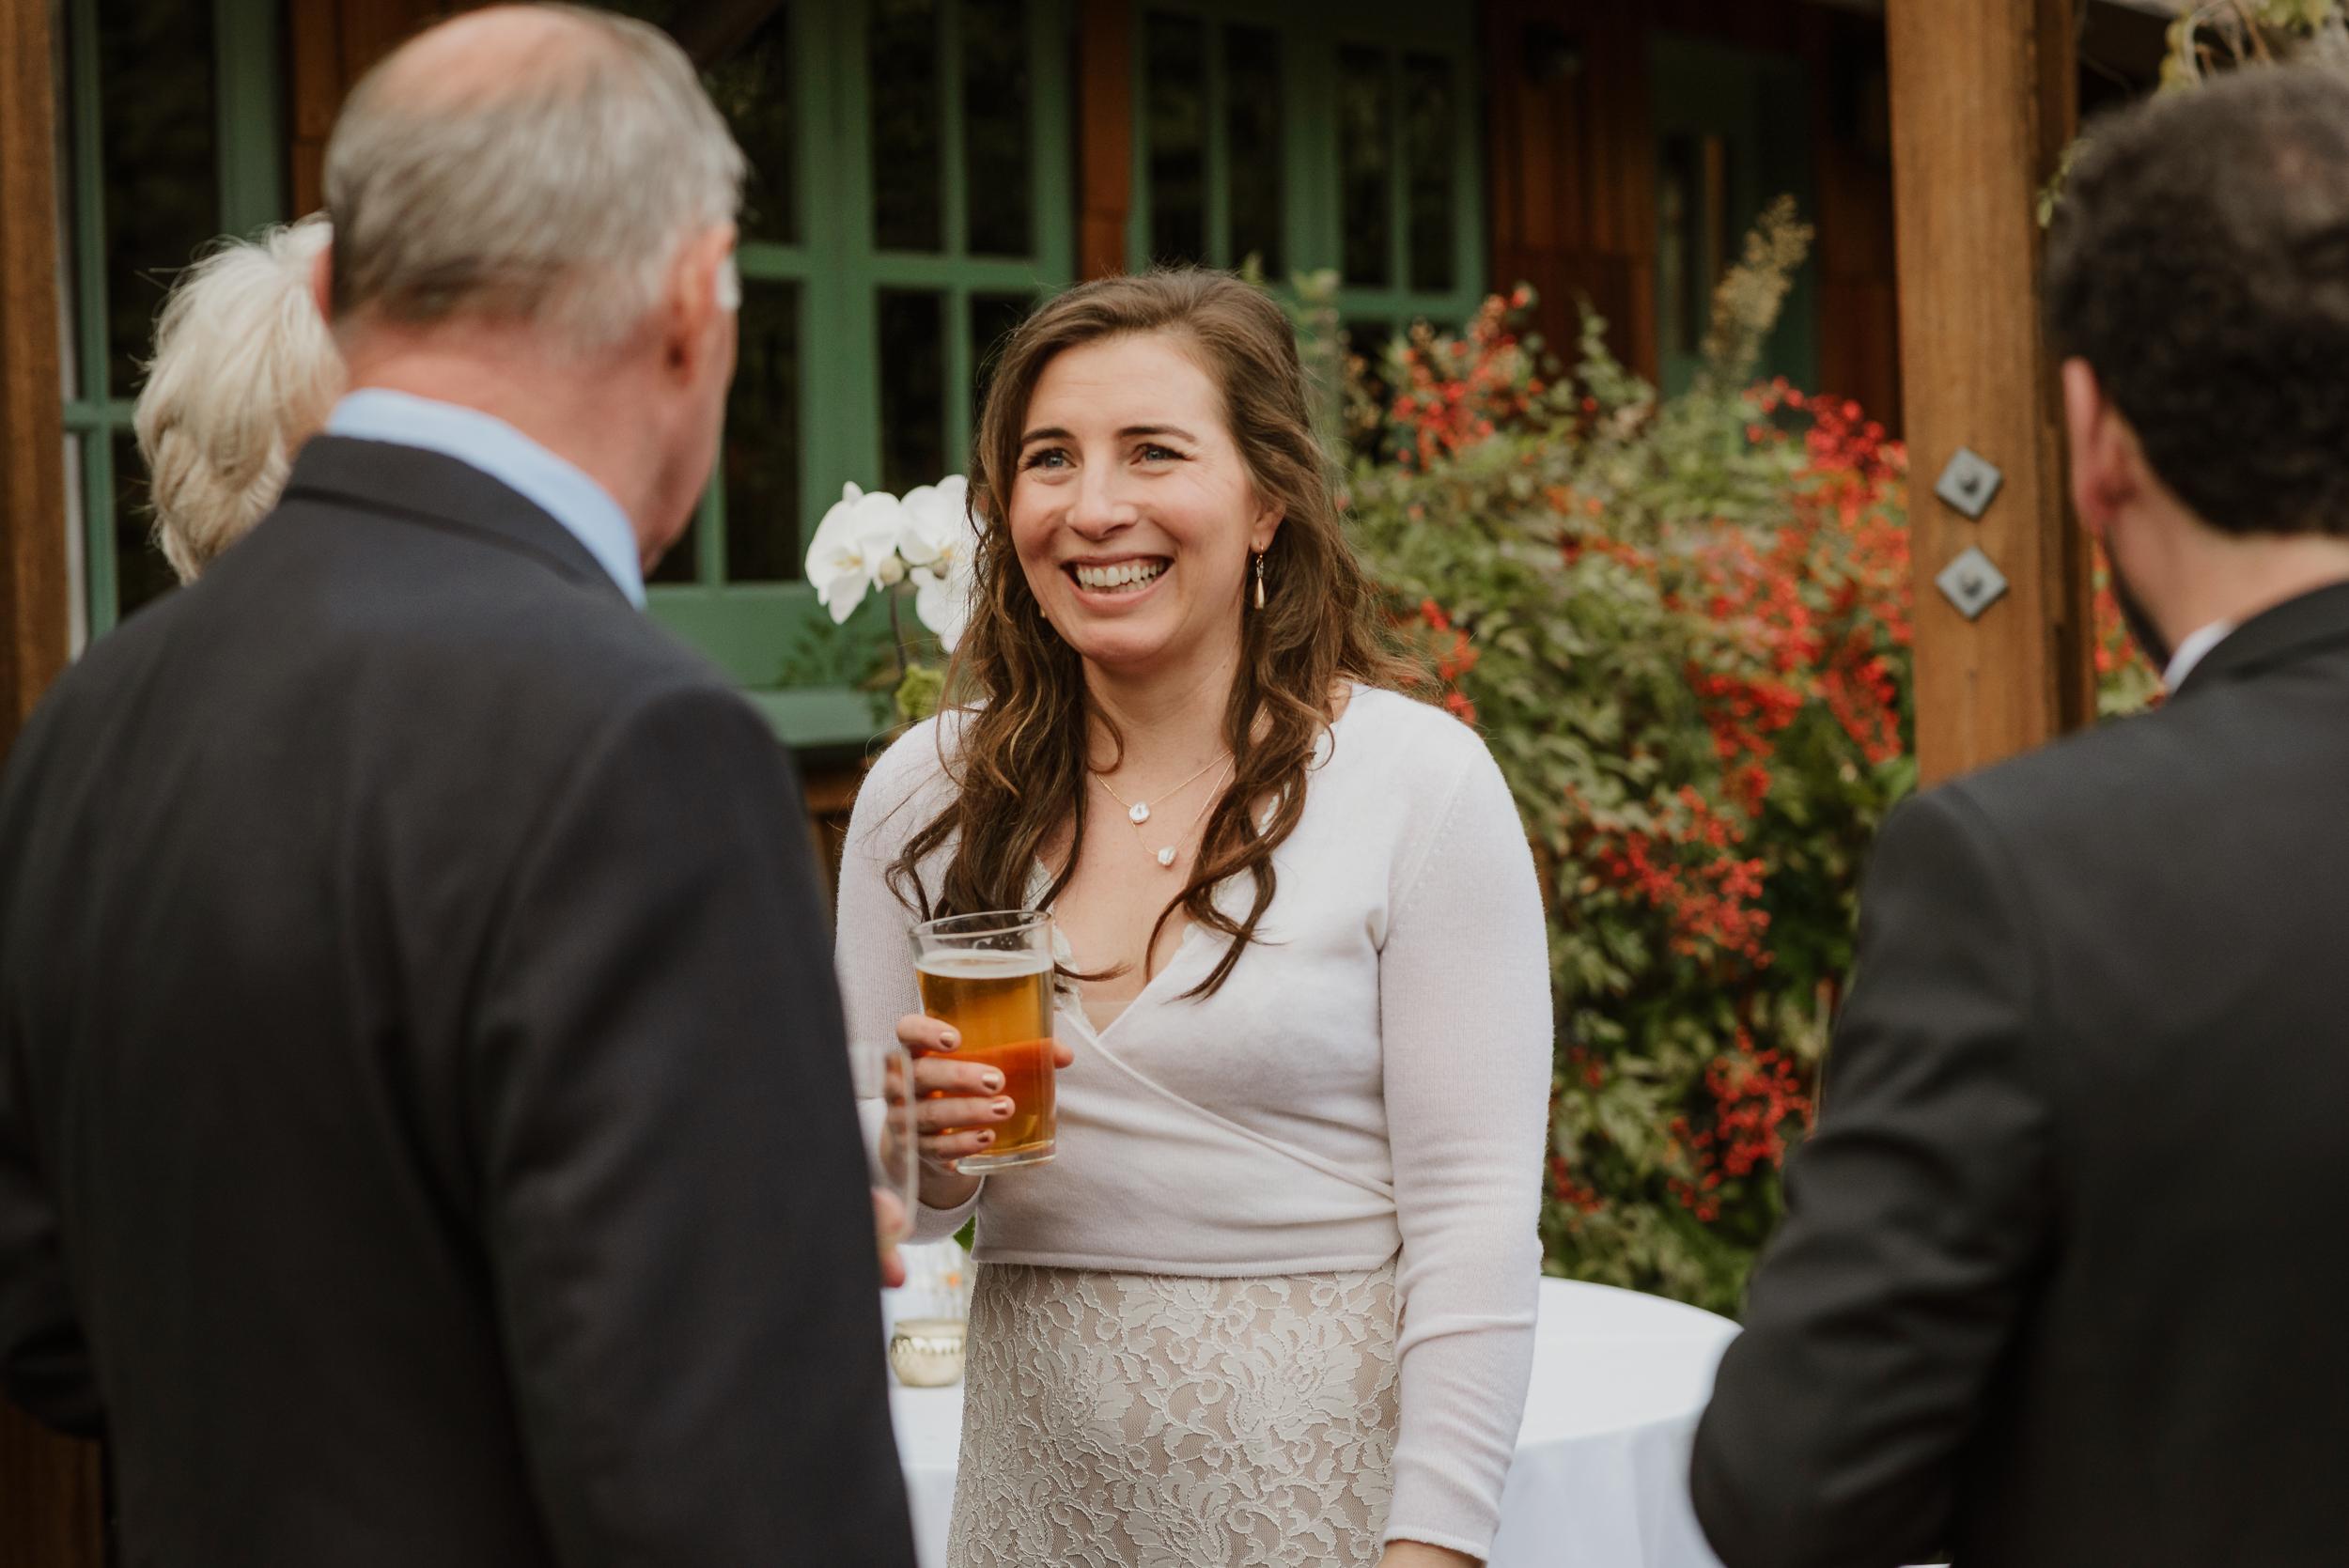 066winter-mill-valley-wedding-outdoor-art-club-wedding-vivianchen-359.jpg